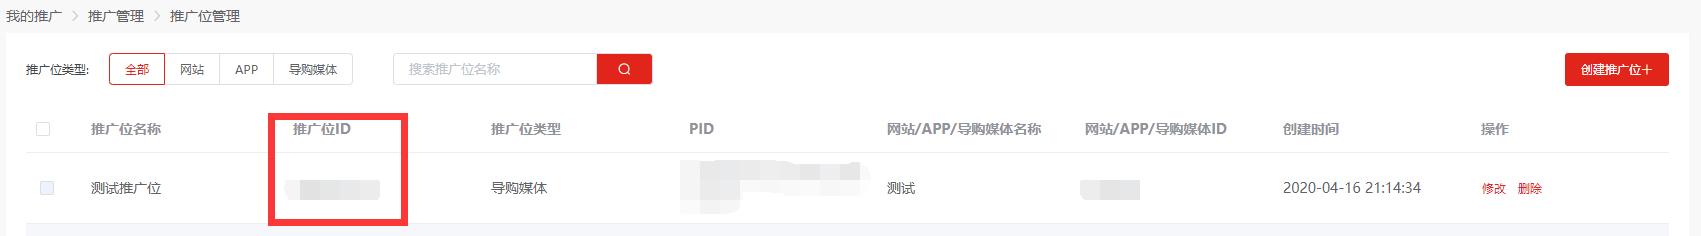 聊天推广位id.png